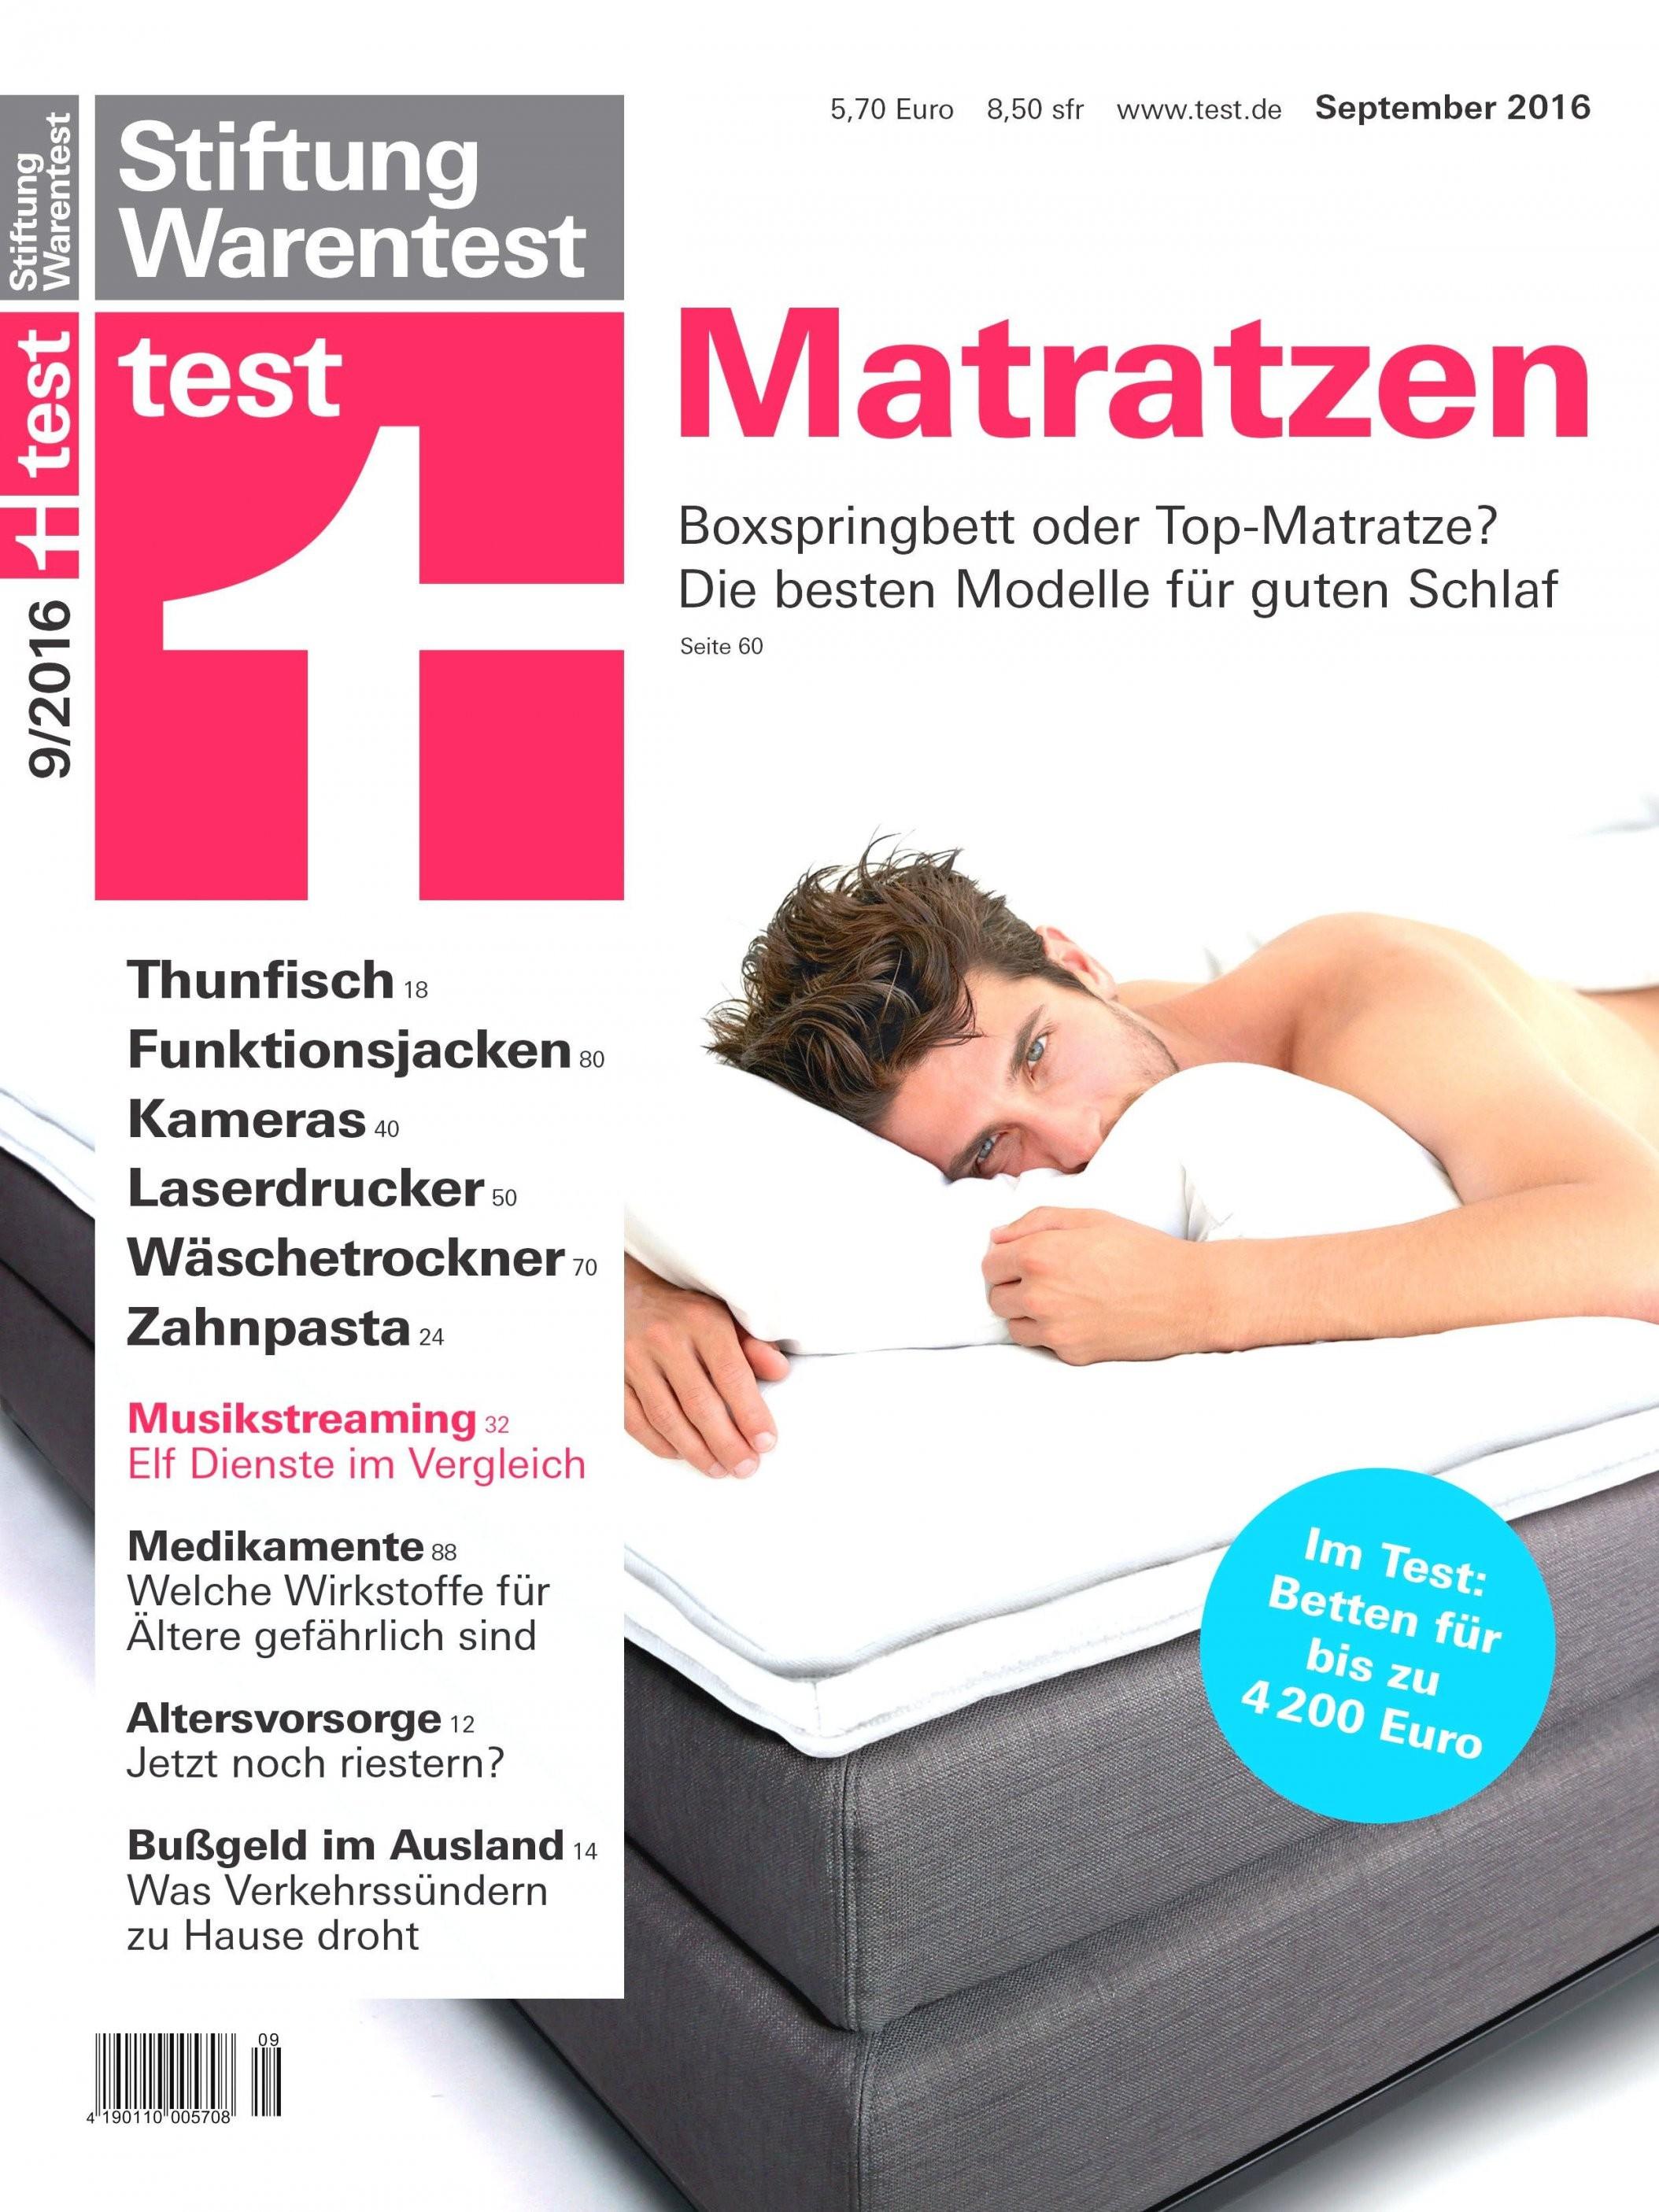 Fantastisch 24 Bodyguard Matratze Stiftung Warentest Design Ideen von Bett Matratzen Stiftung Warentest Bild